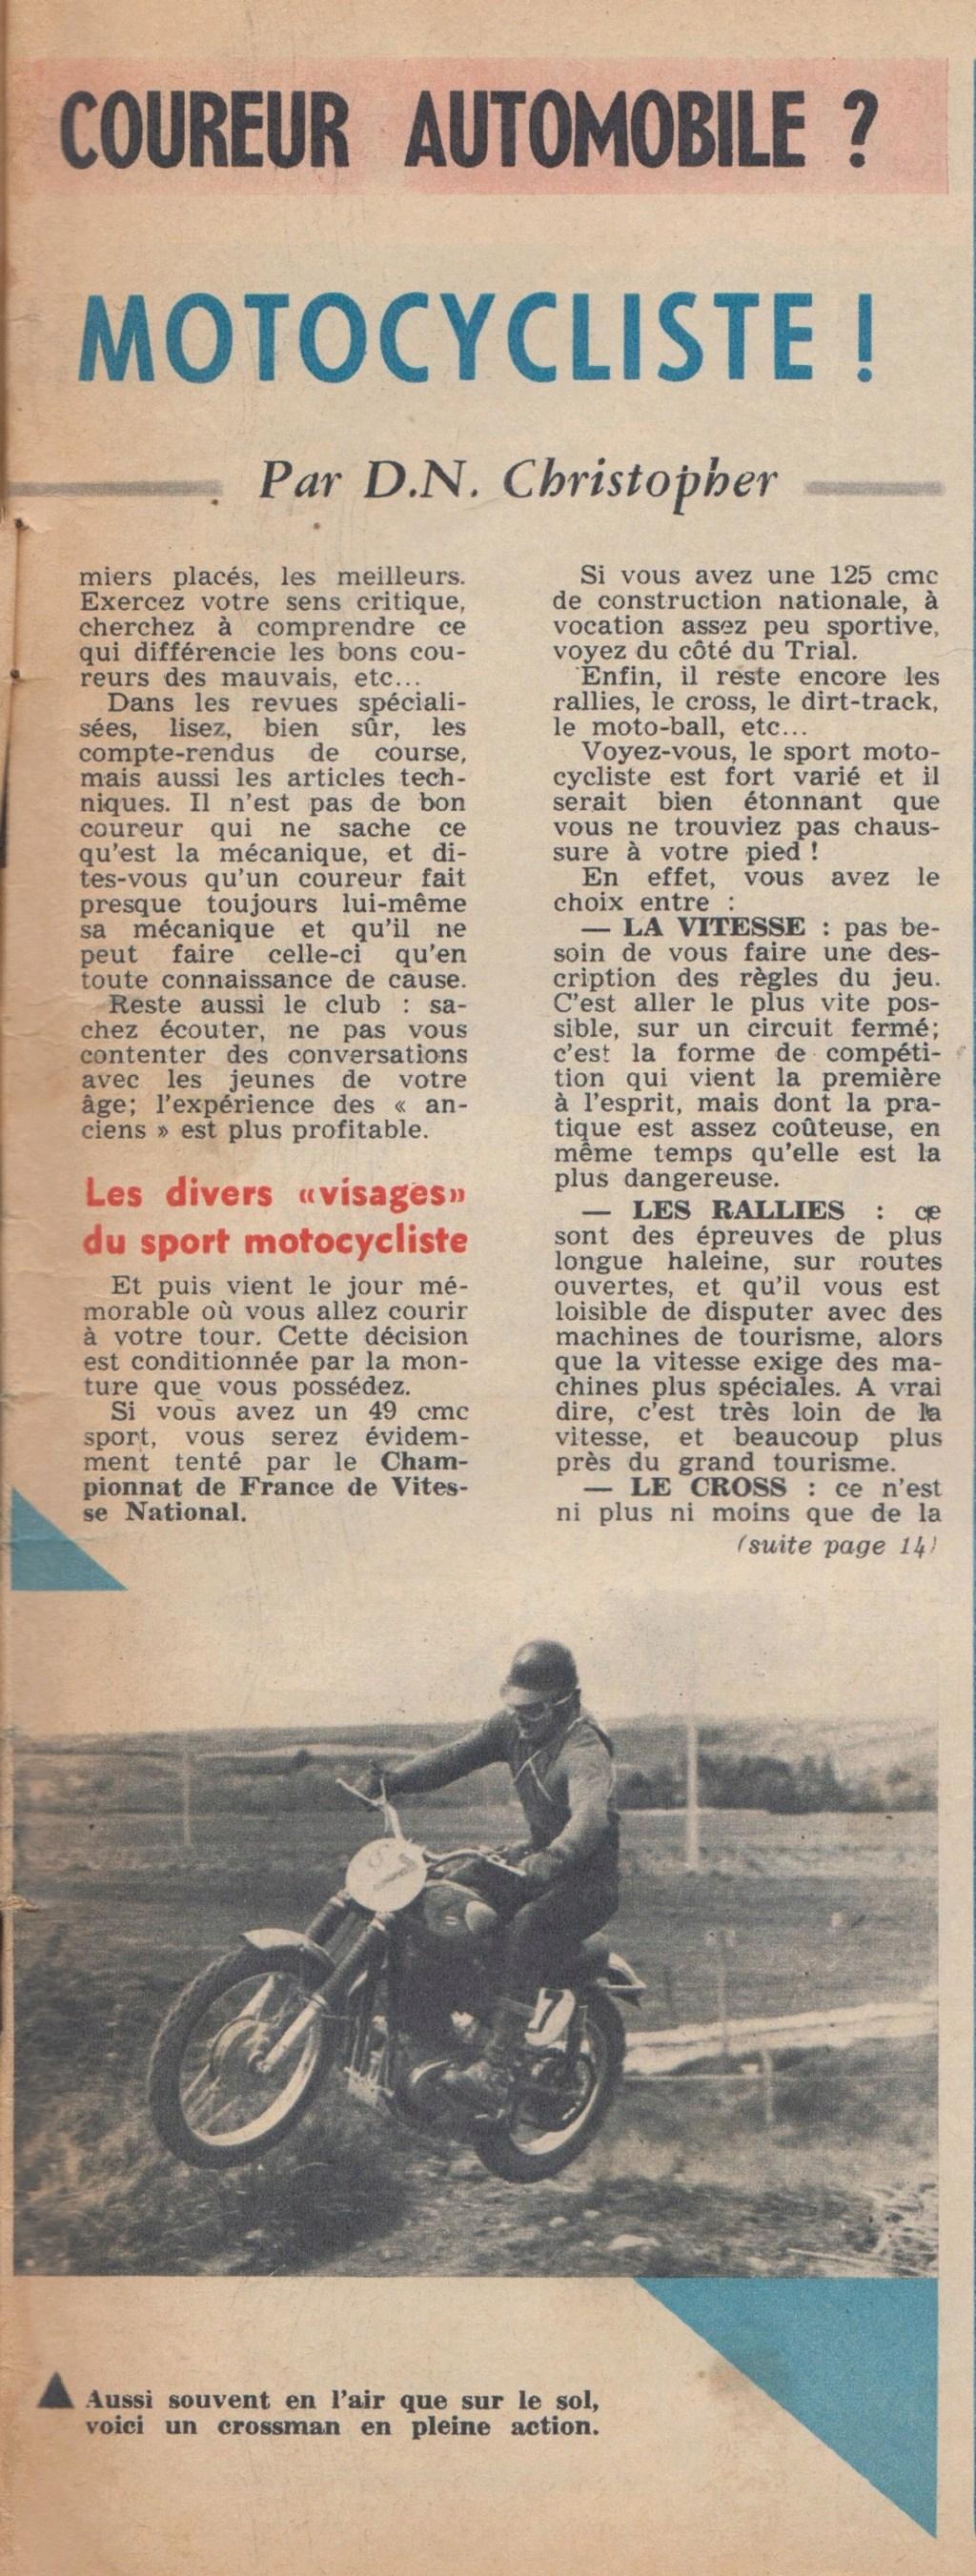 Le Journal de Tintin - de 1959 à 1964 les articles sur l'automobile et la moto Articl17